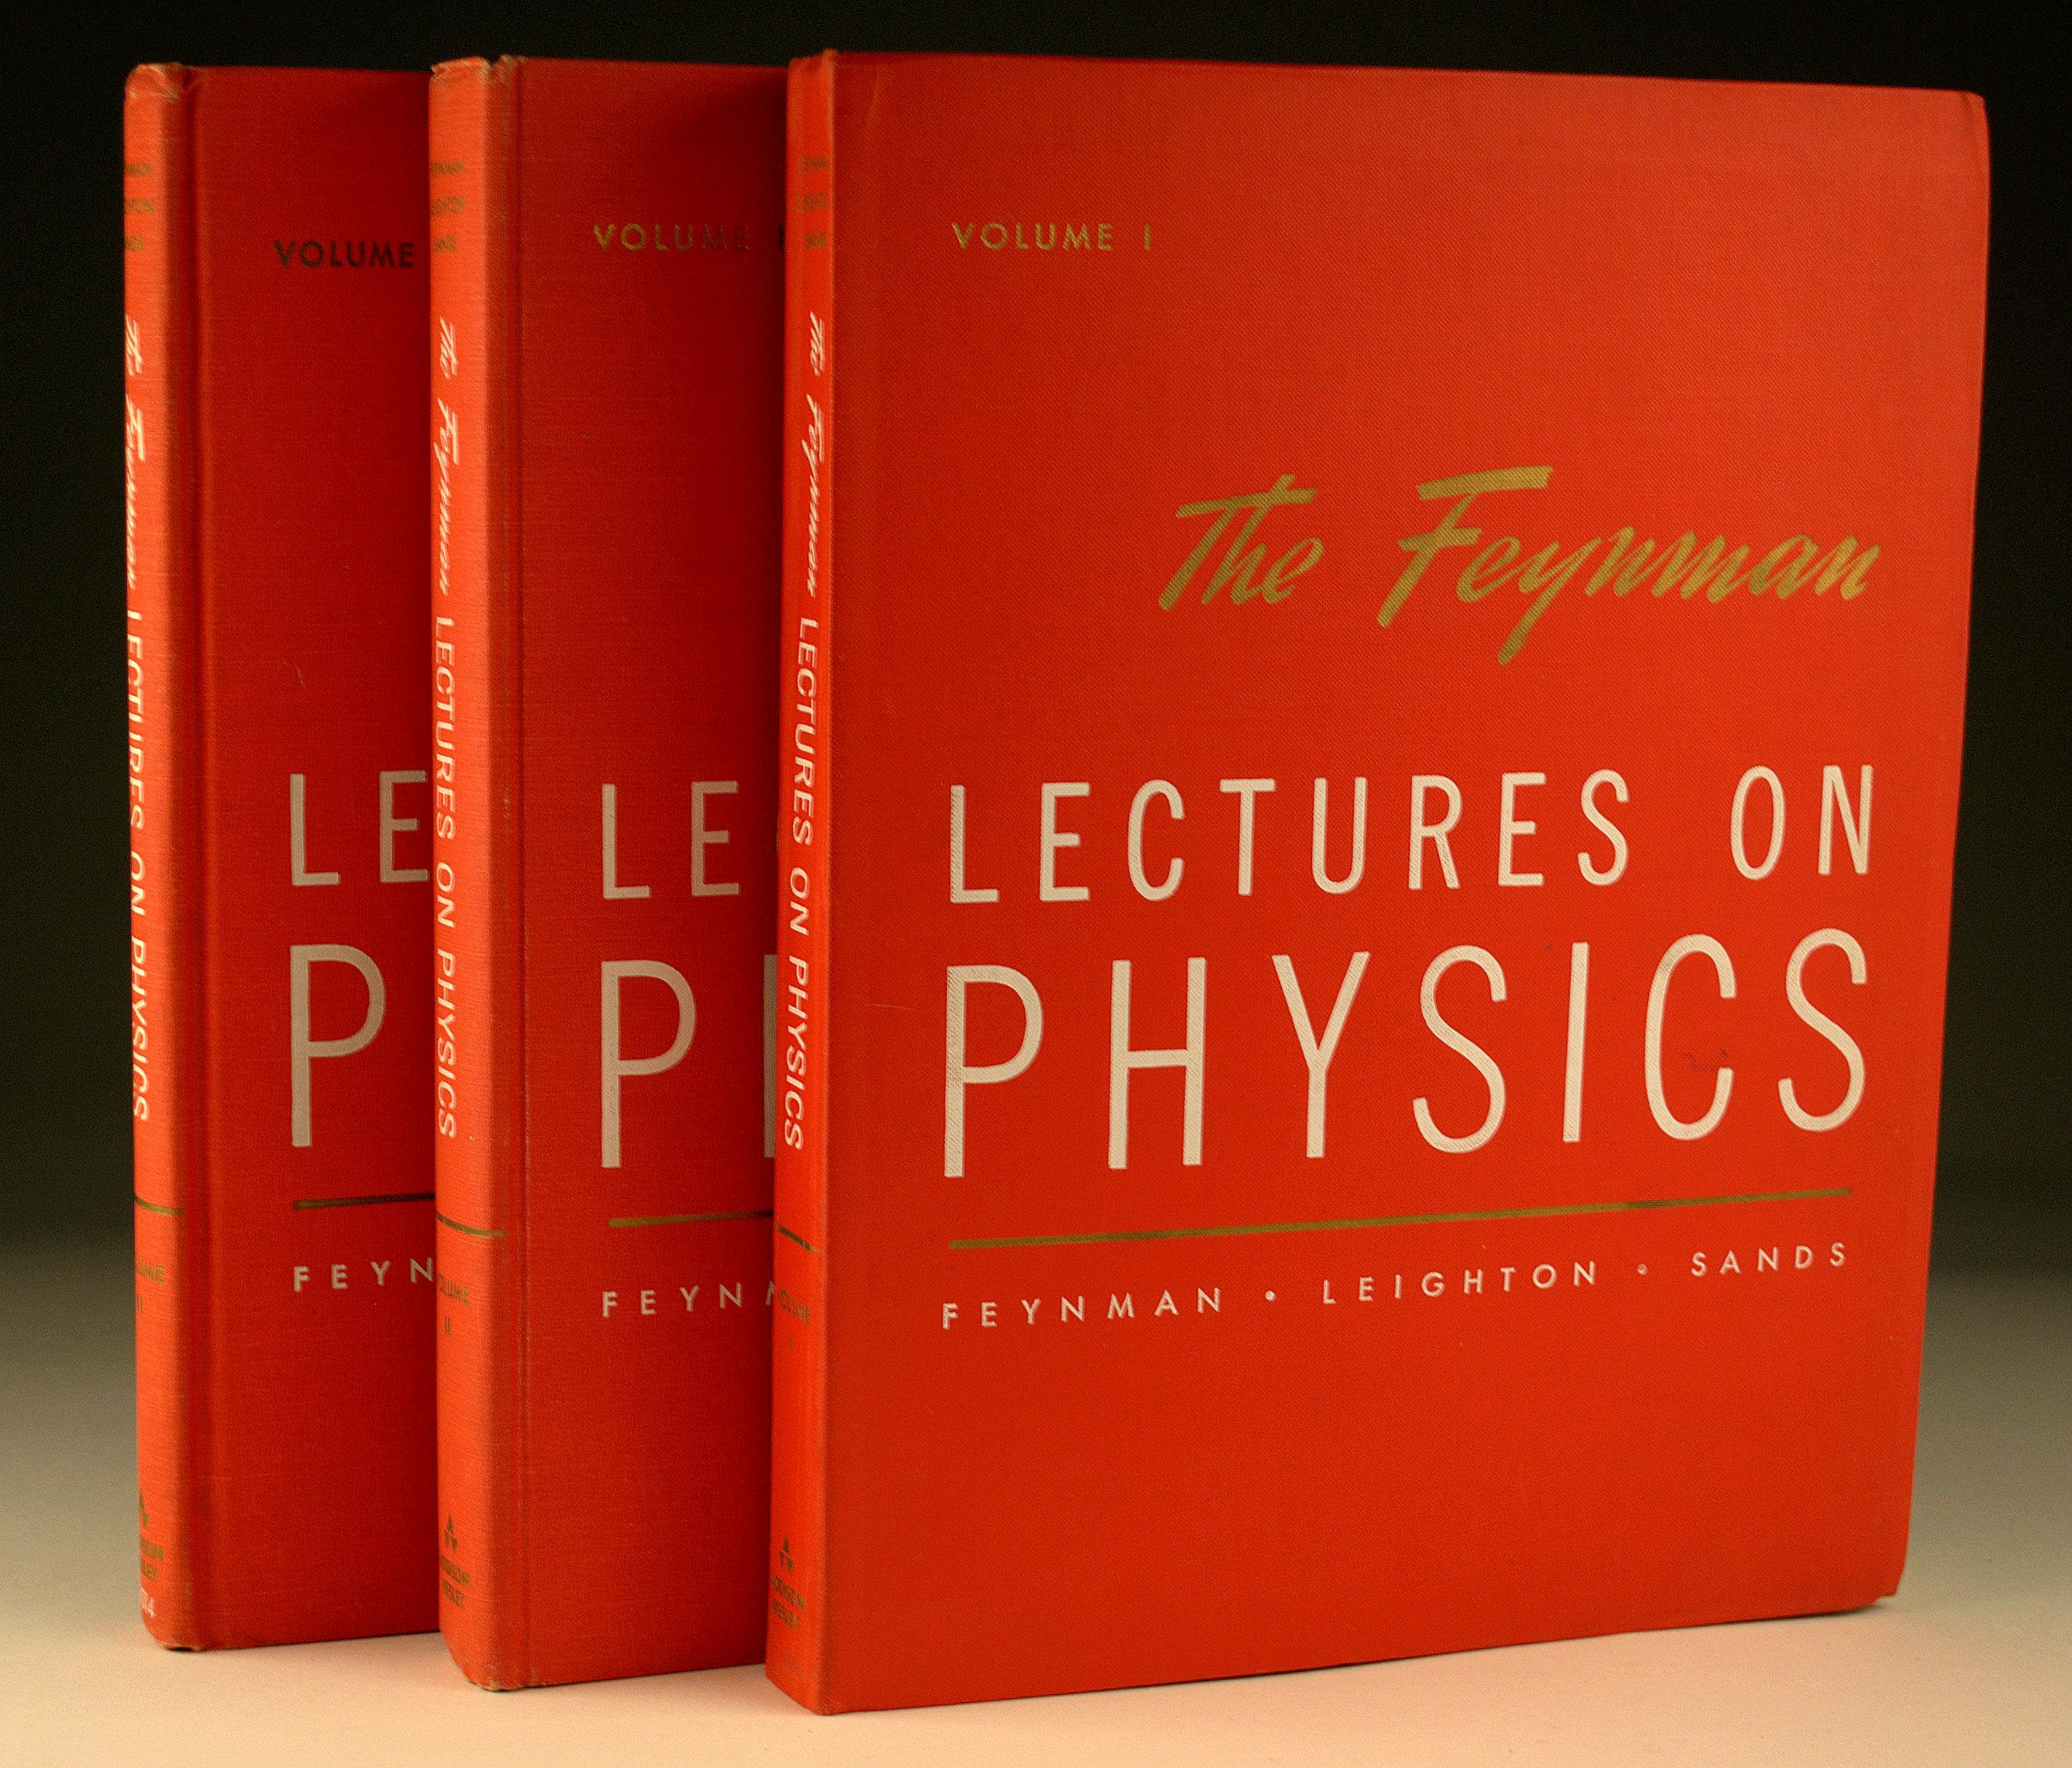 صورة افضل مراجع الفيزياء , كتب في علم الفيزياء